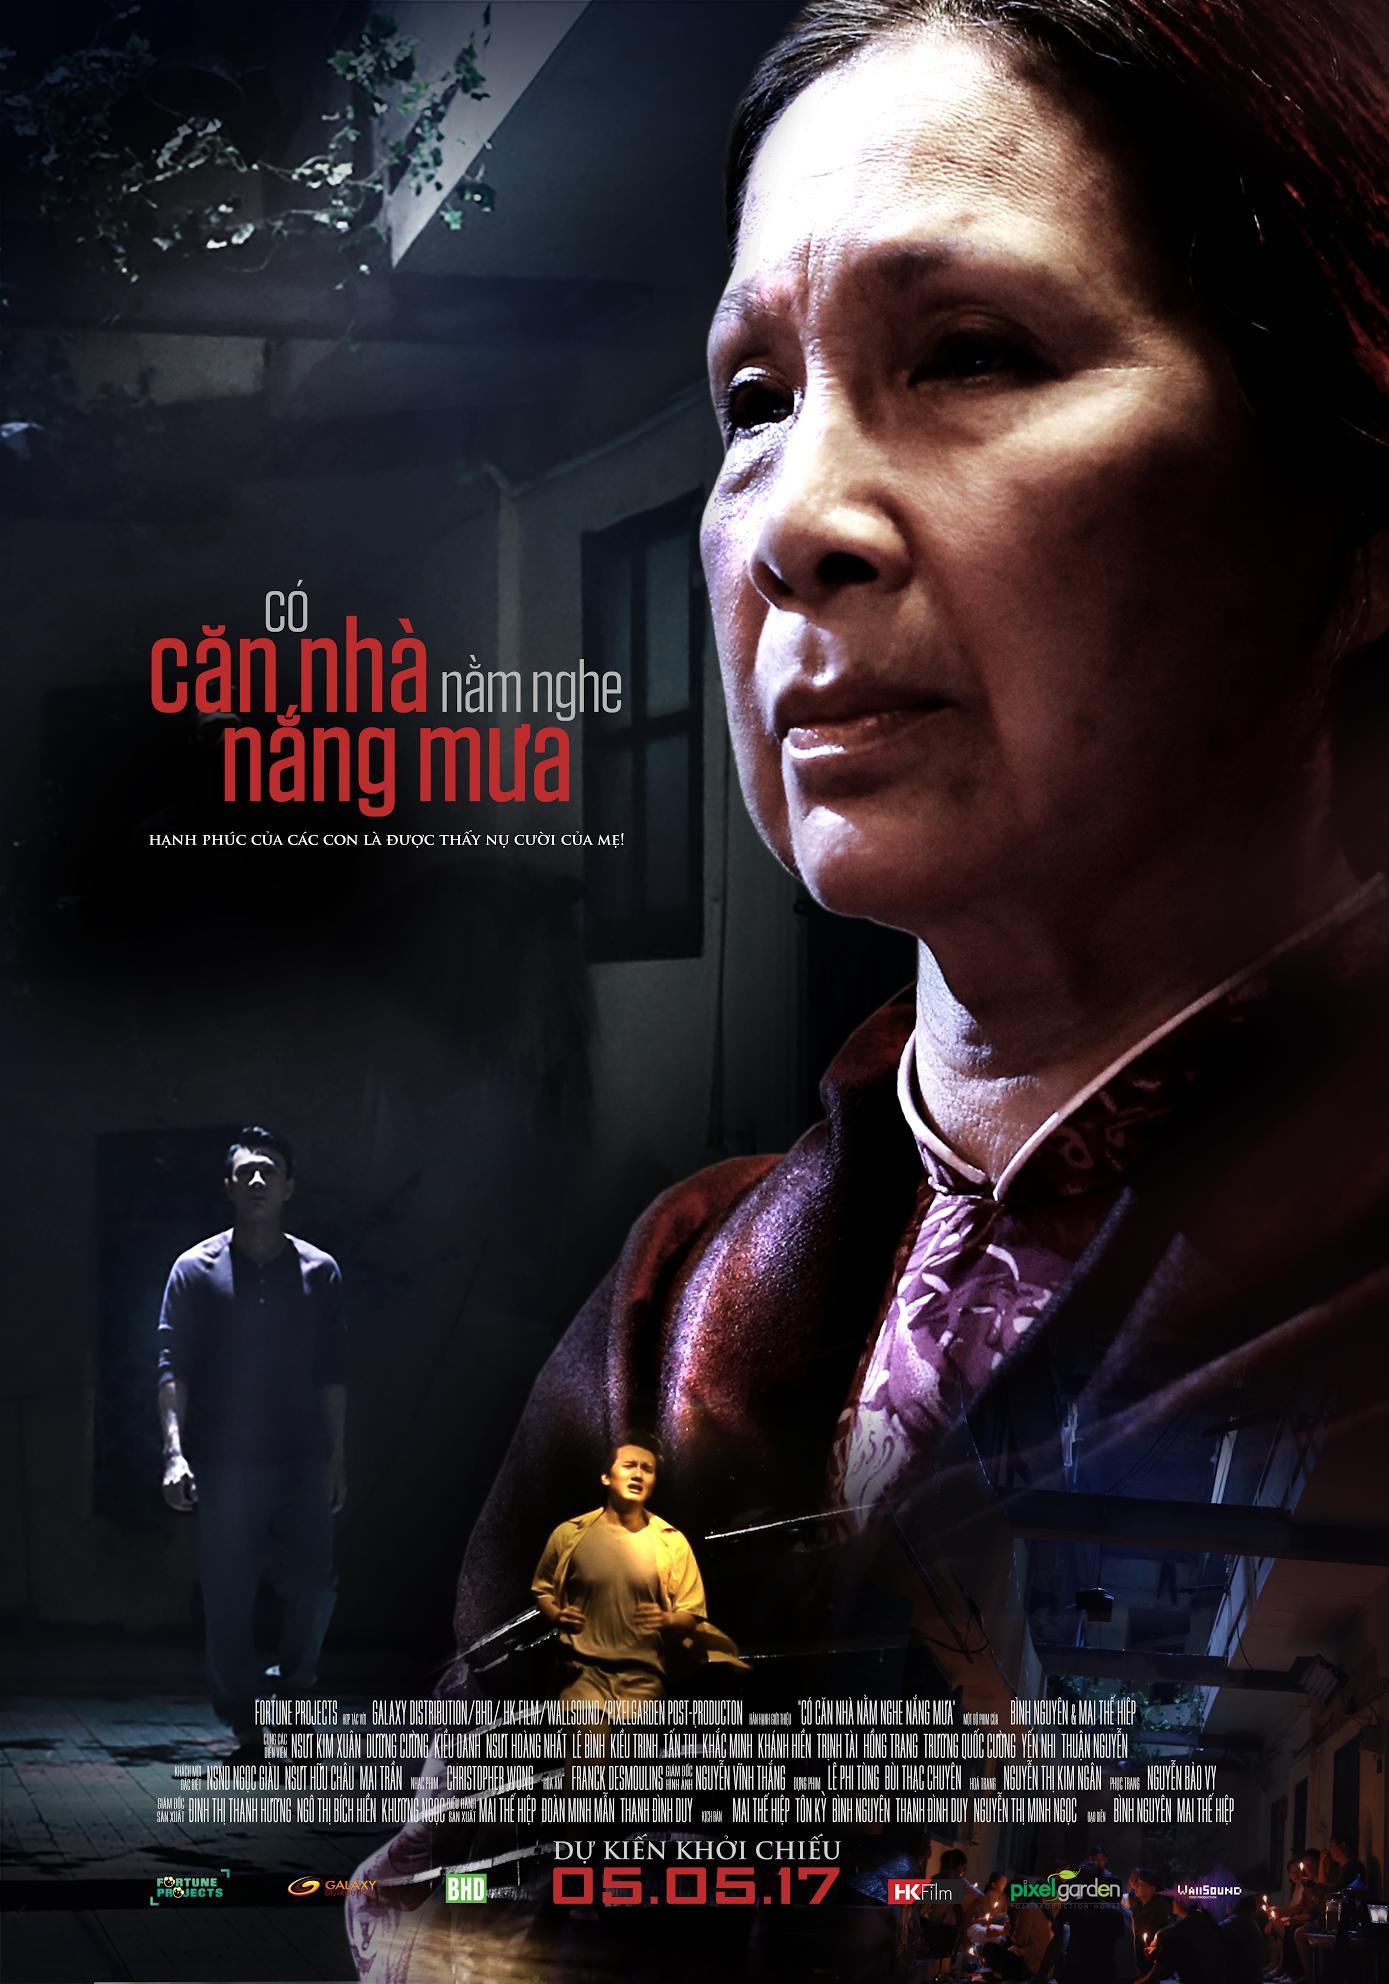 NSND Kim Xuân: Trước khi đạt danh hiệu cao quý, cùng điểm qua những vai diễn người mẹ để đời của nữ nghệ sĩ - Ảnh 11